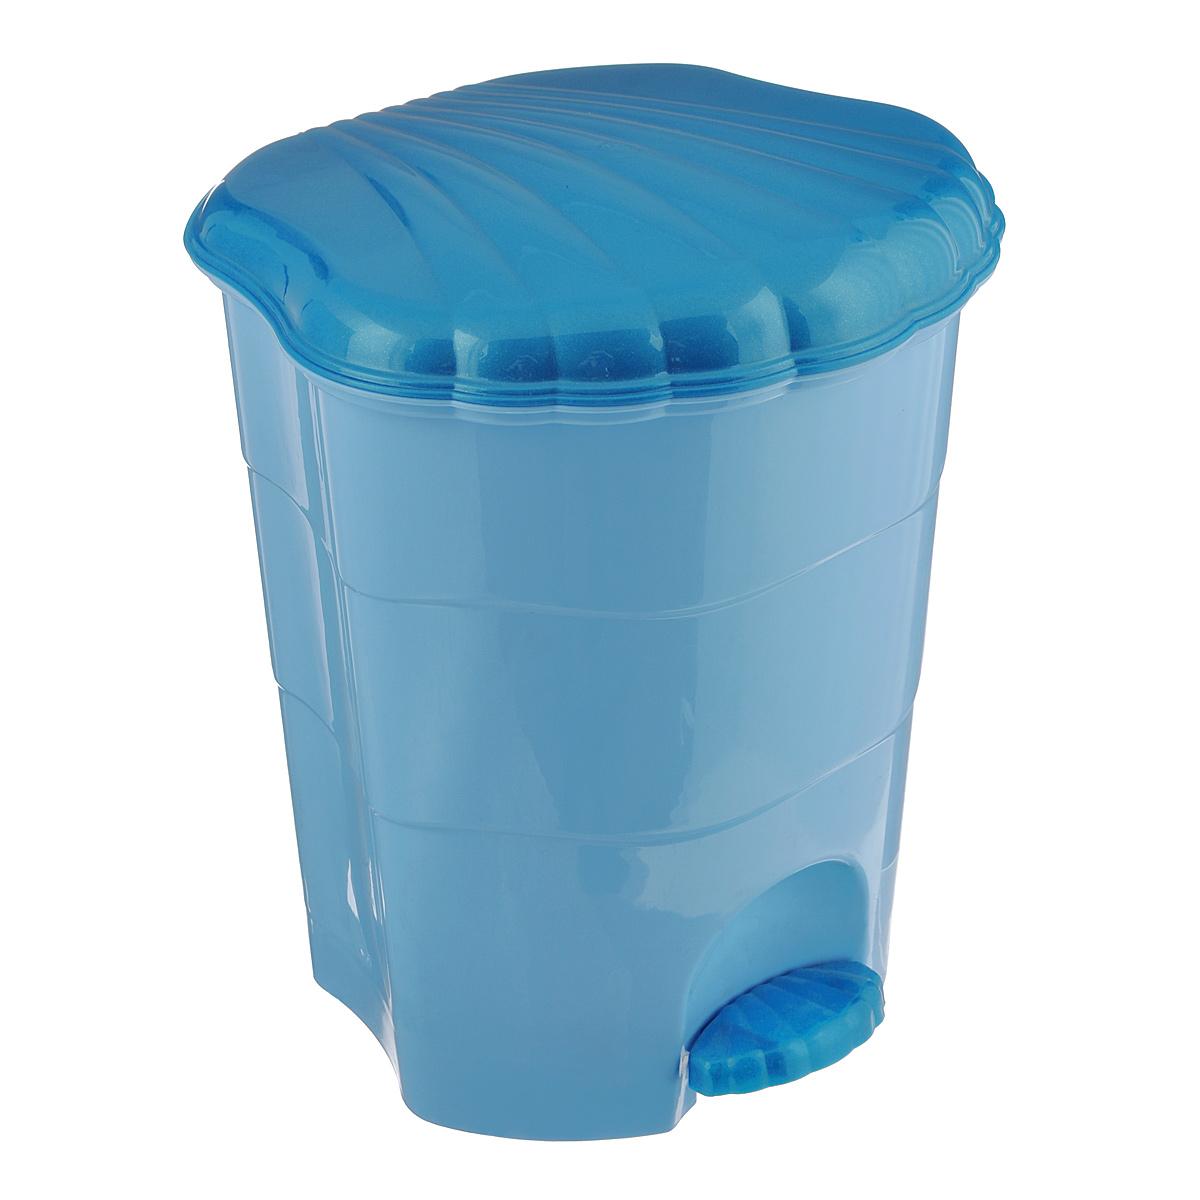 Контейнер для мусора Violet, с педалью, цвет: голубой, бирюзовый, 11 л0511/3Мусорный контейнер Violet выполнен из прочного пластика, не боится ударов и долгих лет использования. Изделие оснащено педалью, с помощью которой можно открыть крышку. Закрывается крышка практически бесшумно, плотно прилегает, предотвращая распространение запаха. Внутри пластиковая емкость для мусора, которую при необходимости можно достать из контейнера. Интересный дизайн разнообразит интерьер вашего дома и сделает его более оригинальным. Размер: 26,5 см x 27,5 см x 31 см.